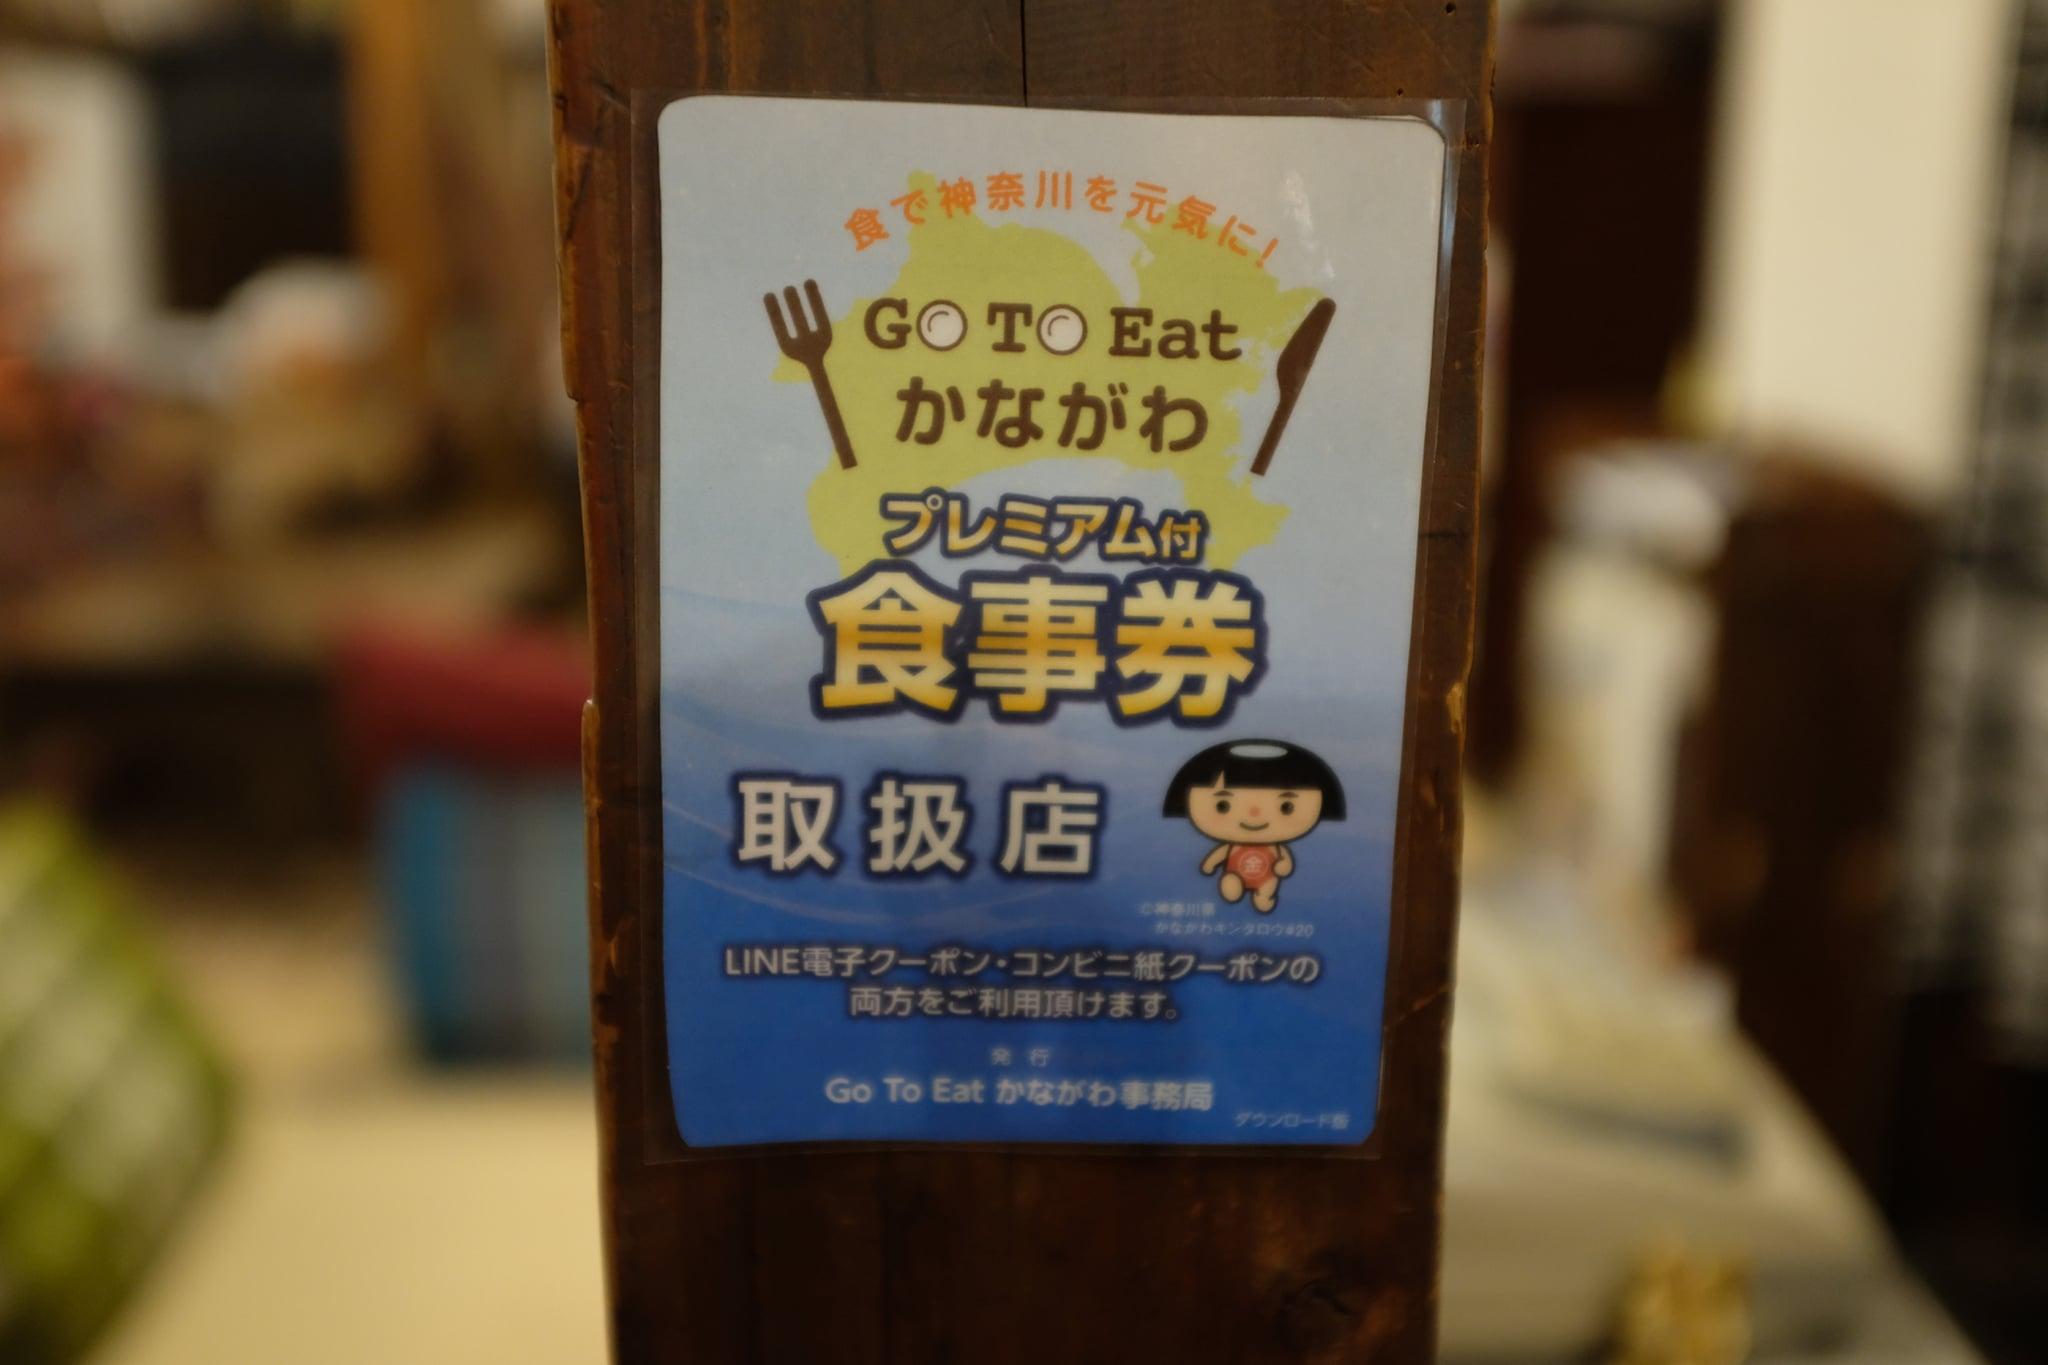 スタッフブログ Go To Eat かながわ 始まりました